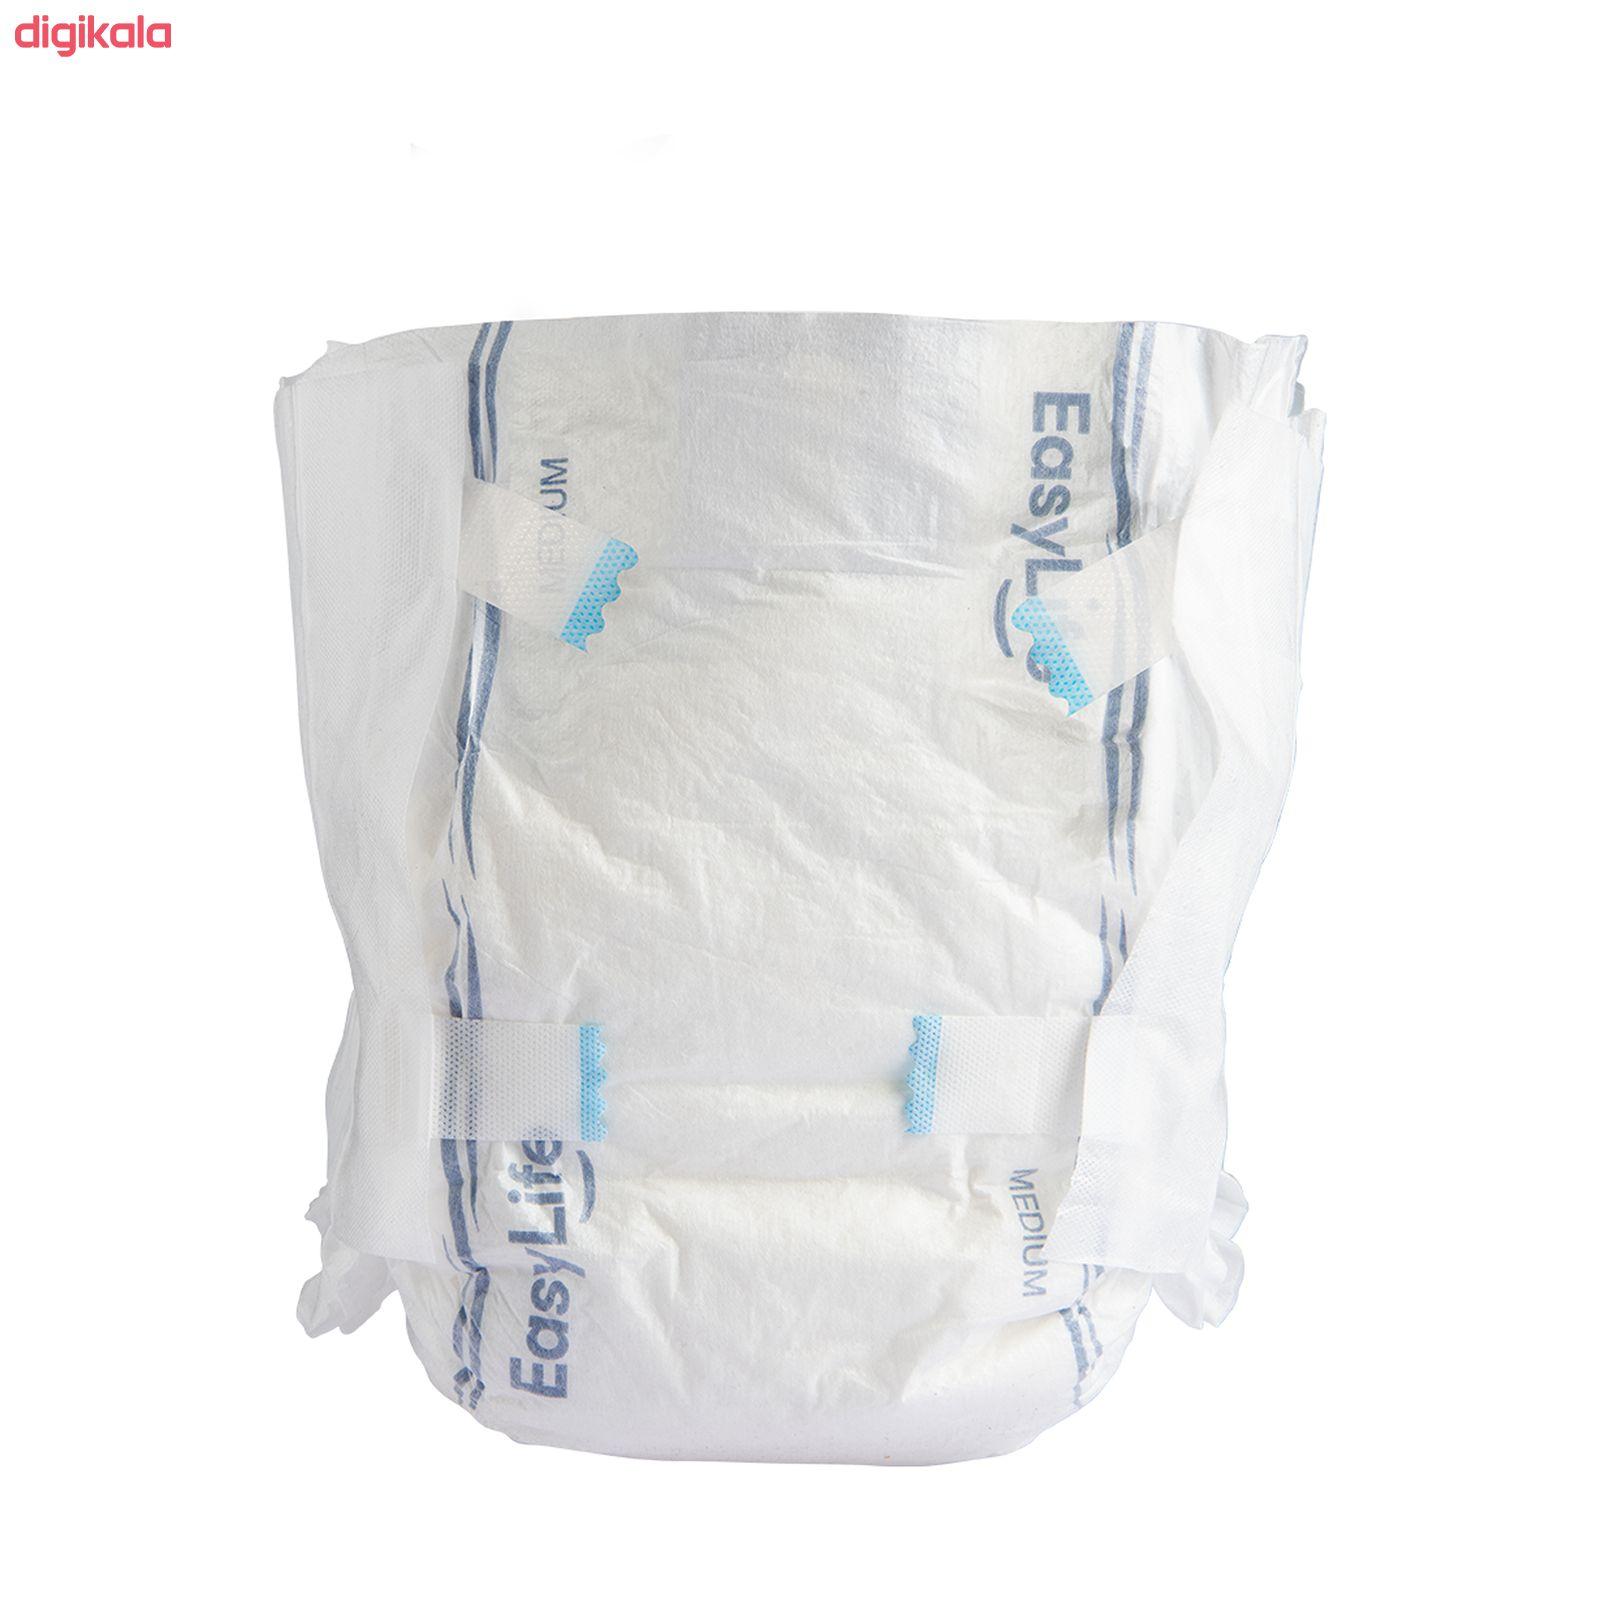 پوشینه بزرگسال چسبی ایزی لایف سایز متوسط بسته 16 عددی main 1 2